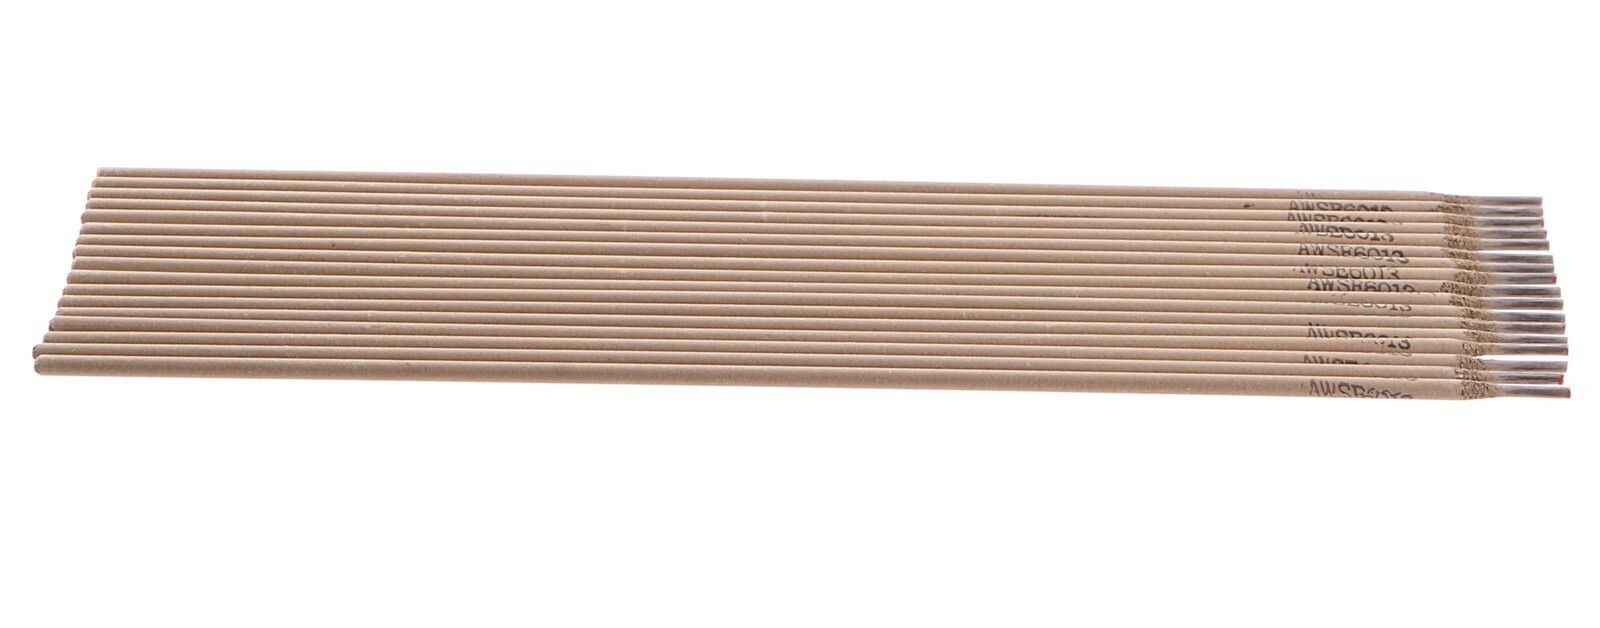 Elektrody svařovací, 3,25x350 mm, svařovací proud 90-130A, růžové